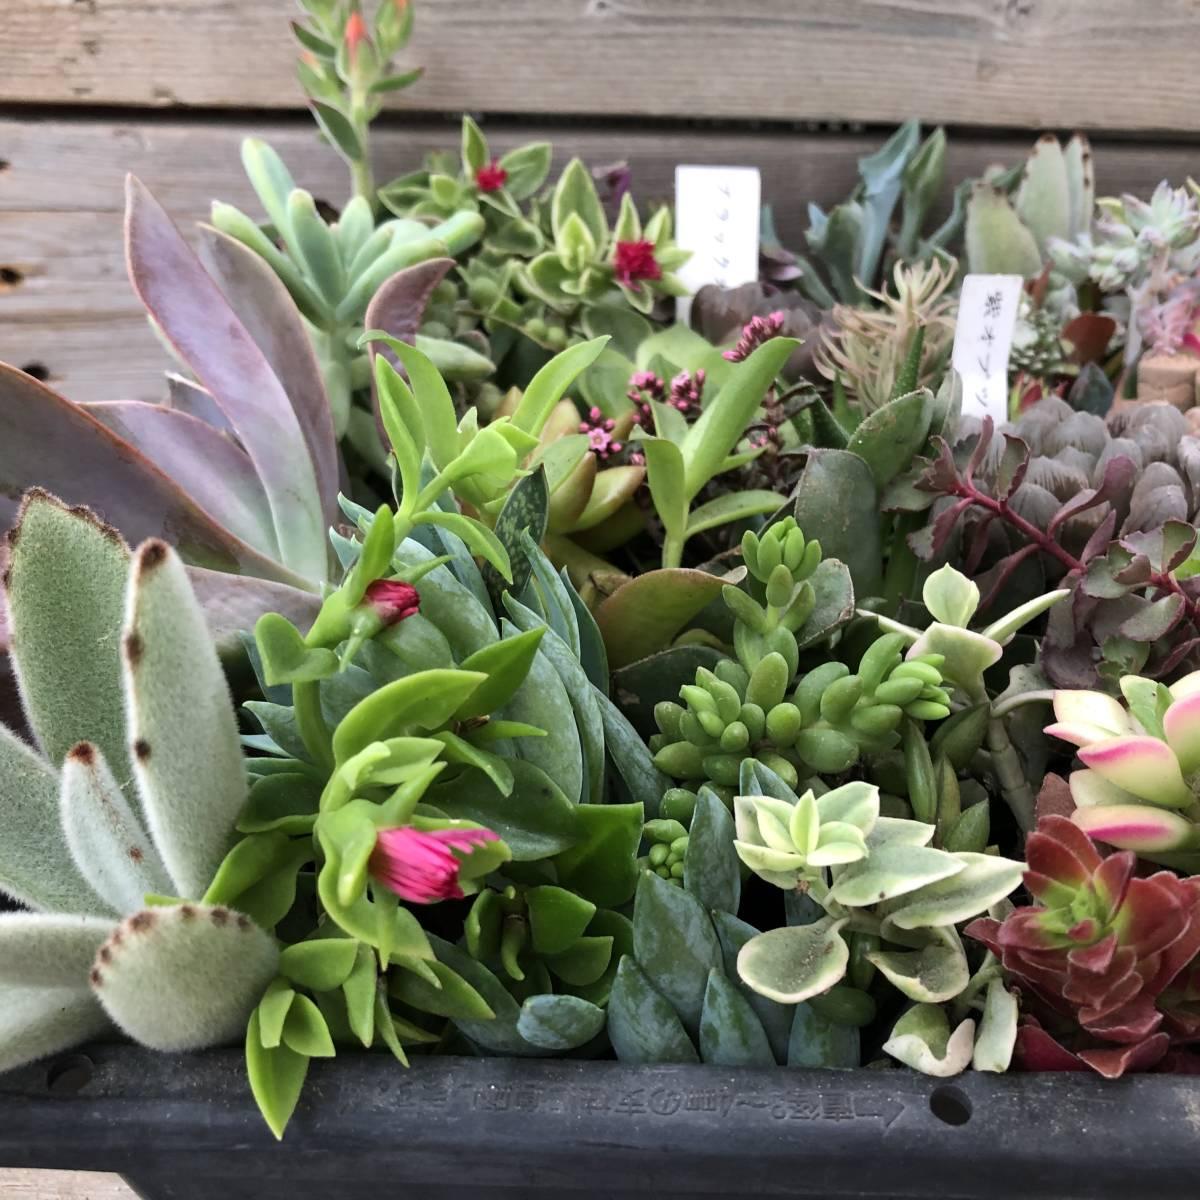 ■A-plants-r■ヤフオク初出品特価!多肉植物 ハオルチア3種&プラグ・カット苗 200ピースセット_画像5